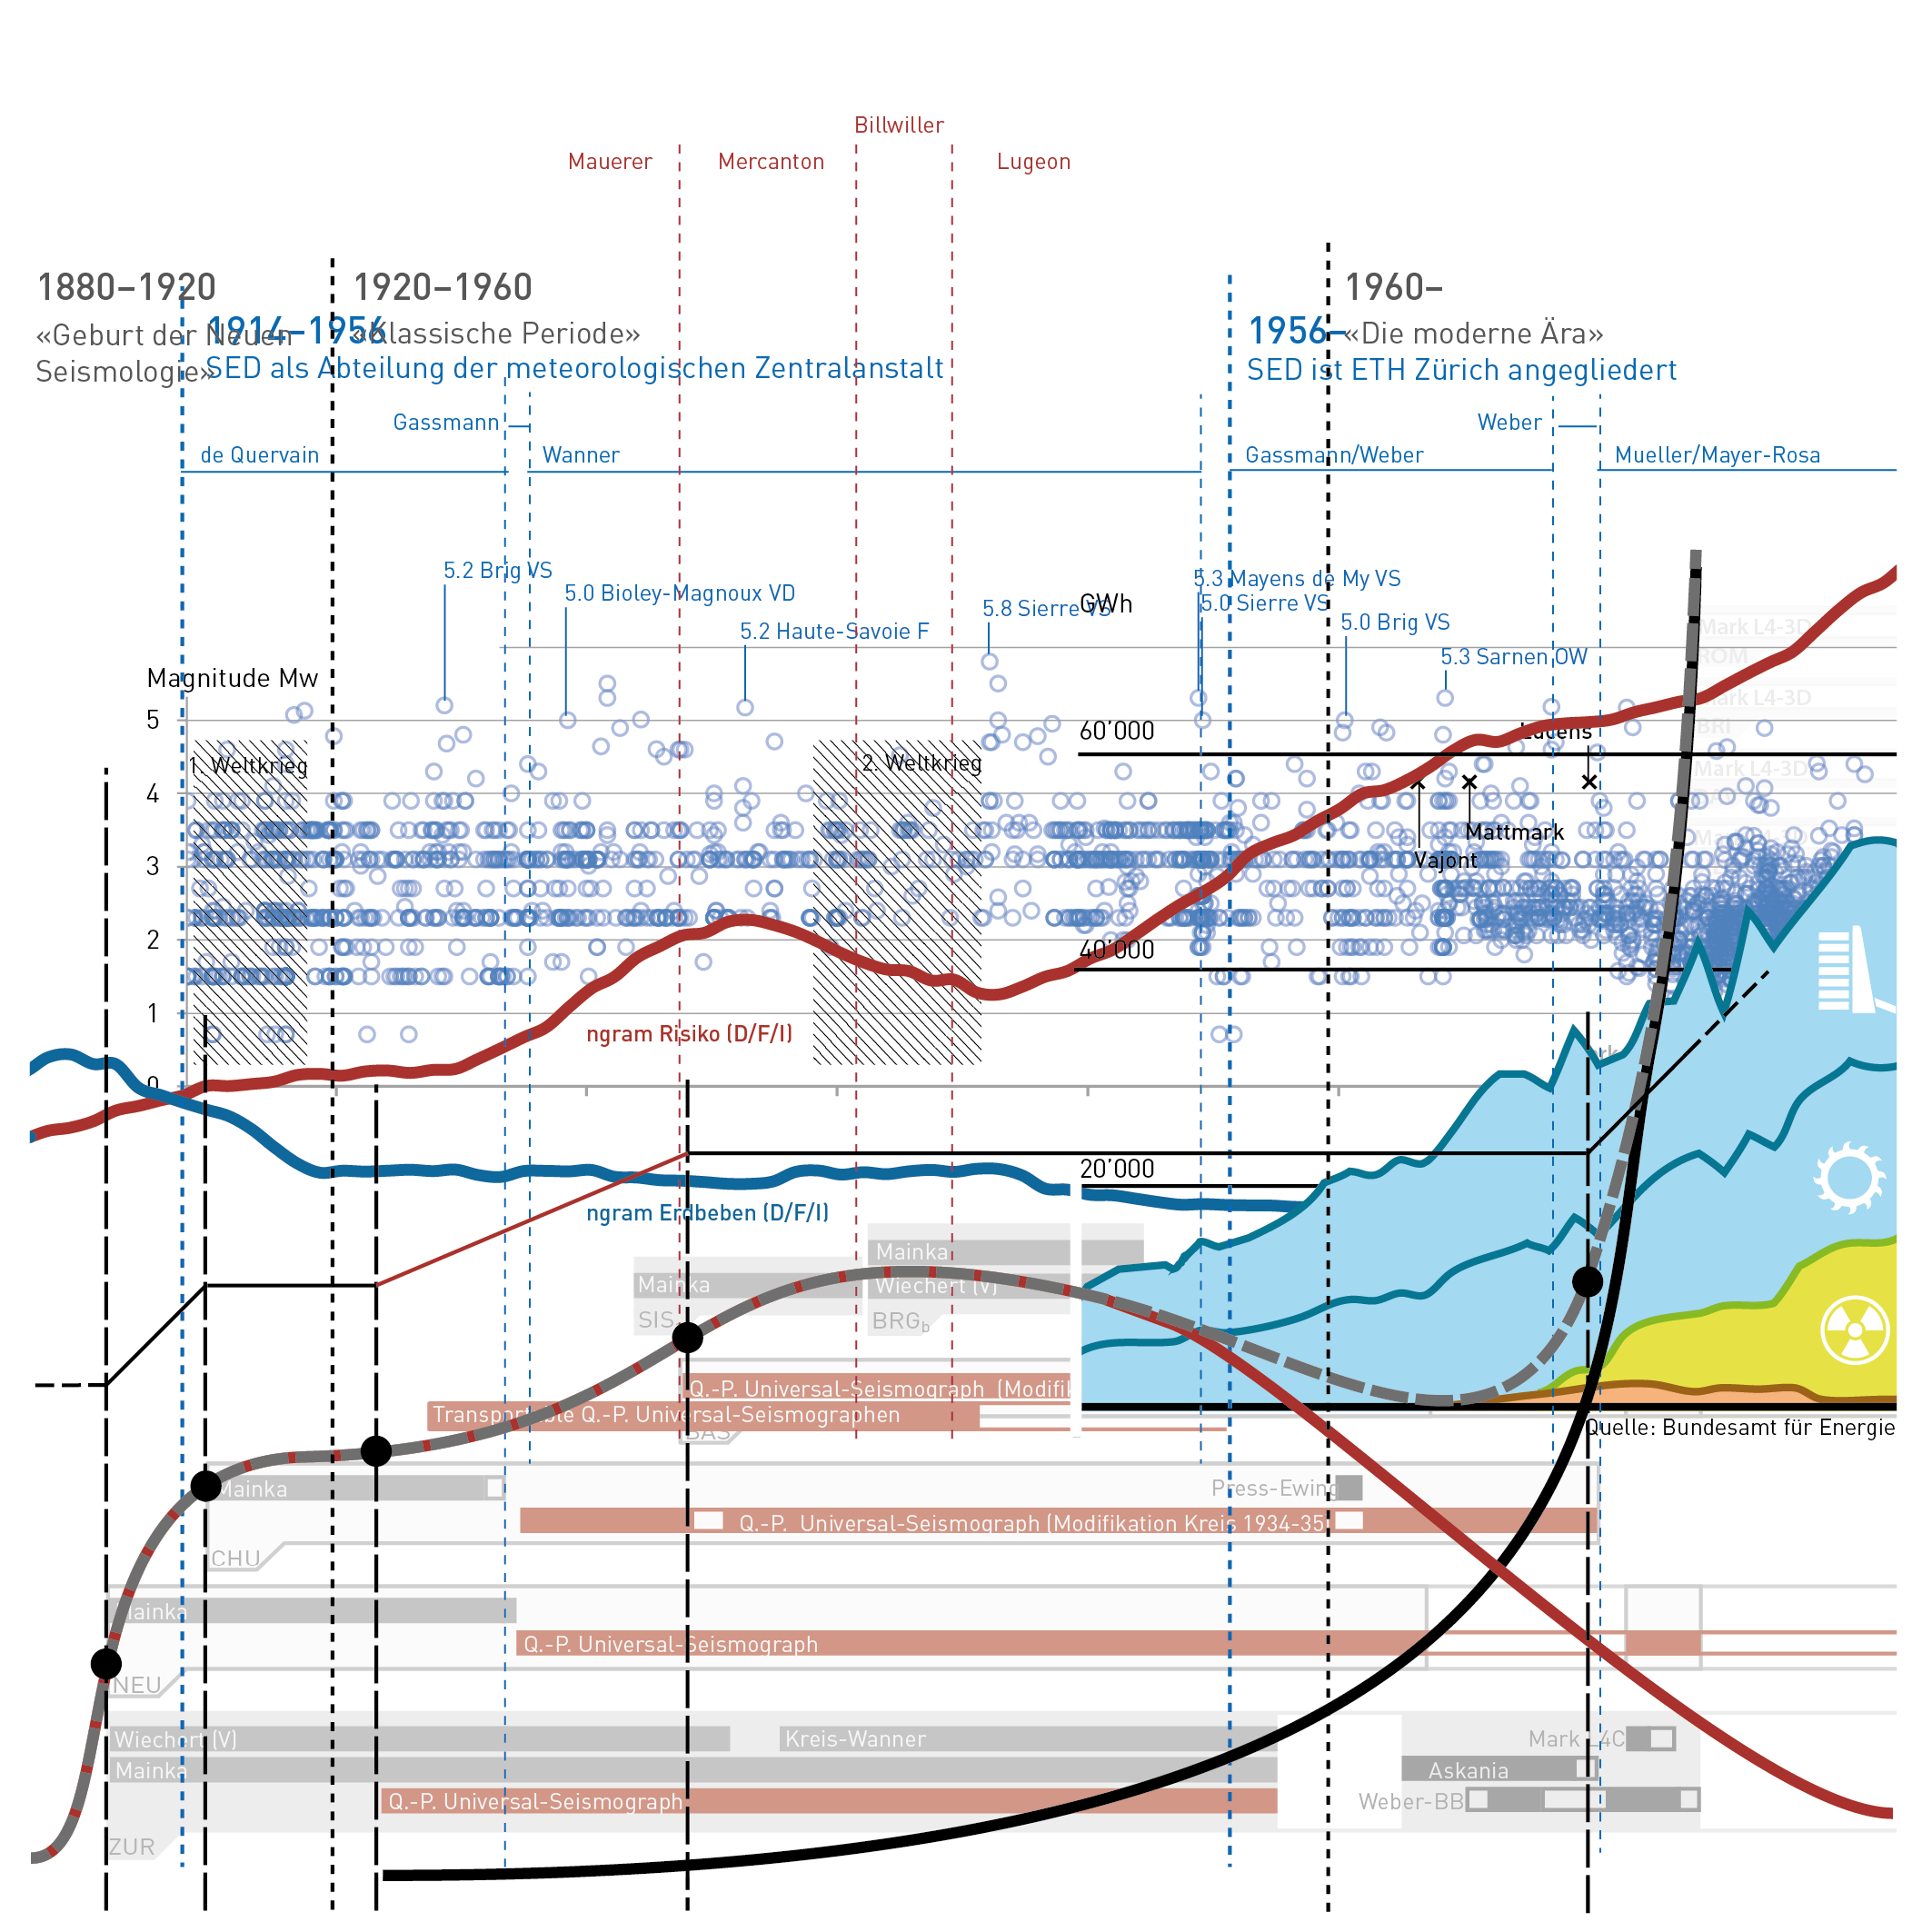 """Assemblage diverser visualisierter Faktoren, die für die Entwicklung des seismographischen Netzwerkes der Schweiz -- buchstäblich und metaphorisch ein Seismograph der (Risiko)Kultur der Schweiz. Erdbeben in Mitteleuropa, Administrative Veränderungen im Schweizerischen Erdbebendienst, Periodierung der Geschichte der Seimologie, Entwicklung des Stationsnetwerkes der Schweiz, Instrumentierung und abgeleitete Verlaufskurven. google ngrams zu den Begriffen """"Erdbeben und Risiko"""", Entwicklung der Energiewirtschaft ab 1950, weitere Katastrophenereignisse ..."""